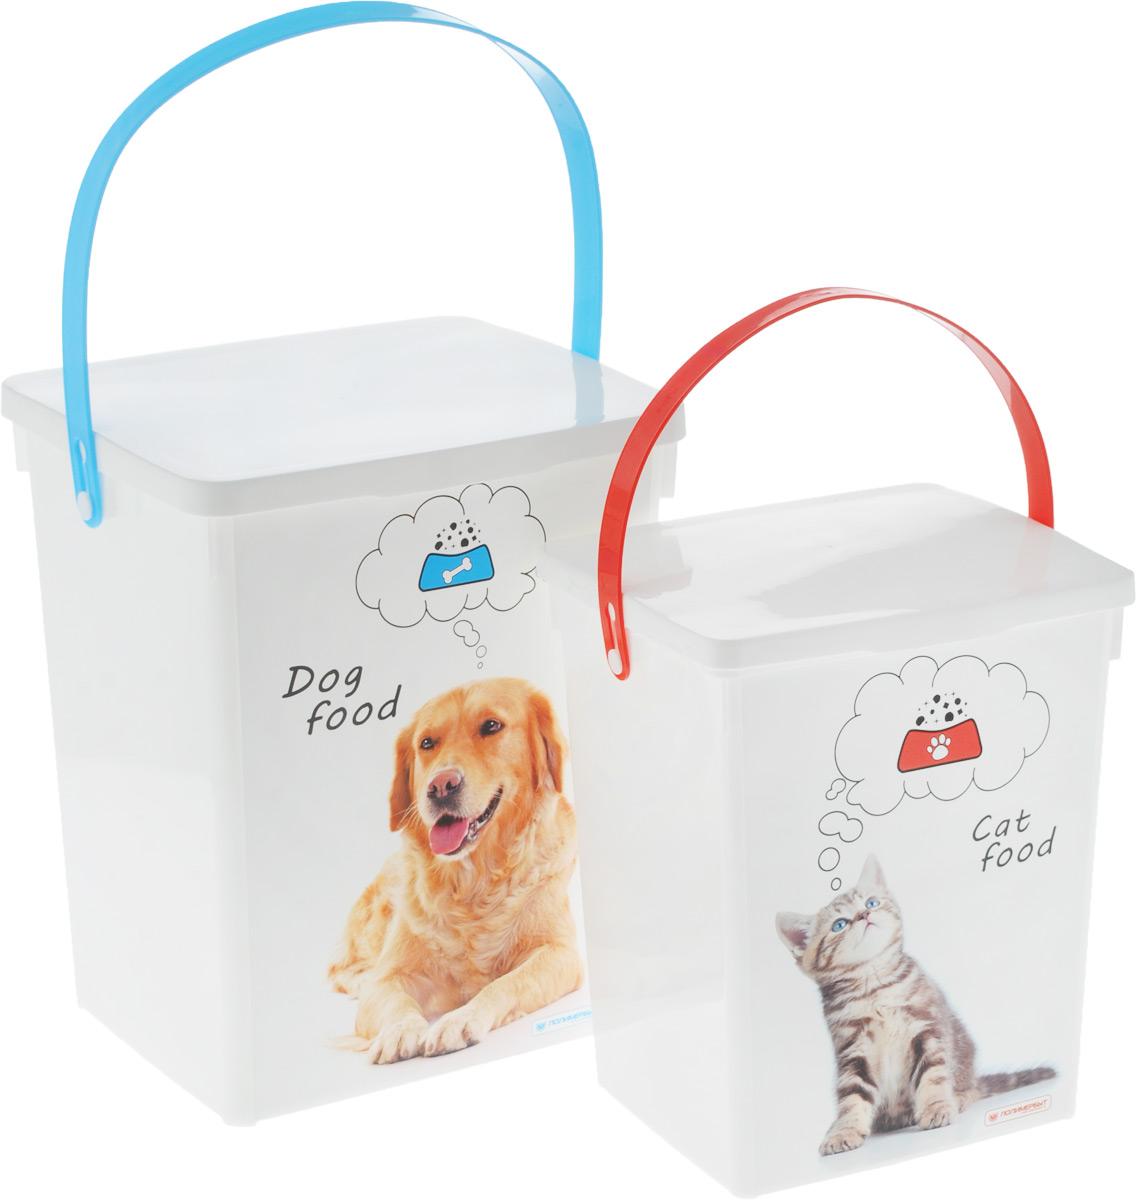 Комплект контейнеров для корма животных Полимербыт, 2 шт. SGHPBKP16SGHPBKP16Комплект Полимербыт состоит из двух контейнеров для хранения корма для животных. Изделия выполнены из пластика и оформлены оригинальным рисунком. Контейнеры оснащены подвижными ручками и крышками, которые плотно закрывают изделие. Многофункциональная вещь, которая пригодится в быту для любых случаев. Контейнеры удобны в использование и хранении. Объем контейнеров: 5 л, 8,5 л. Размер контейнеров (с учетом крышки): 23 х 20 х 27,5 см, 19 х 17 х 23 см.